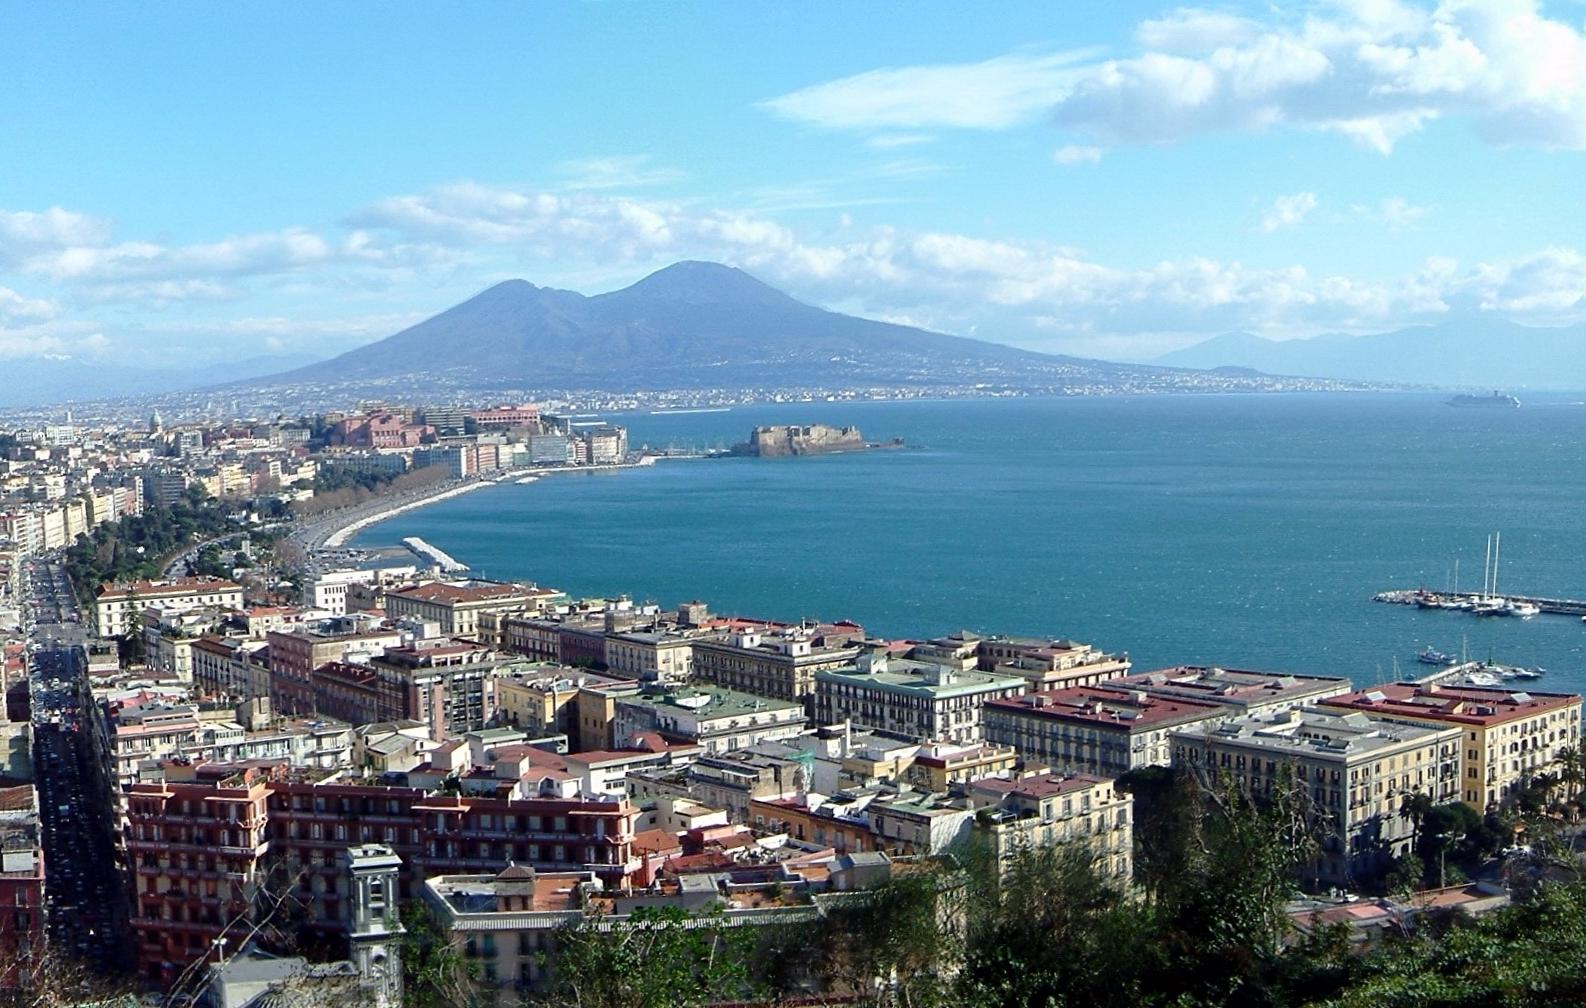 Noleggio Barche Napoli - Navalia | Noleggia un Sogno